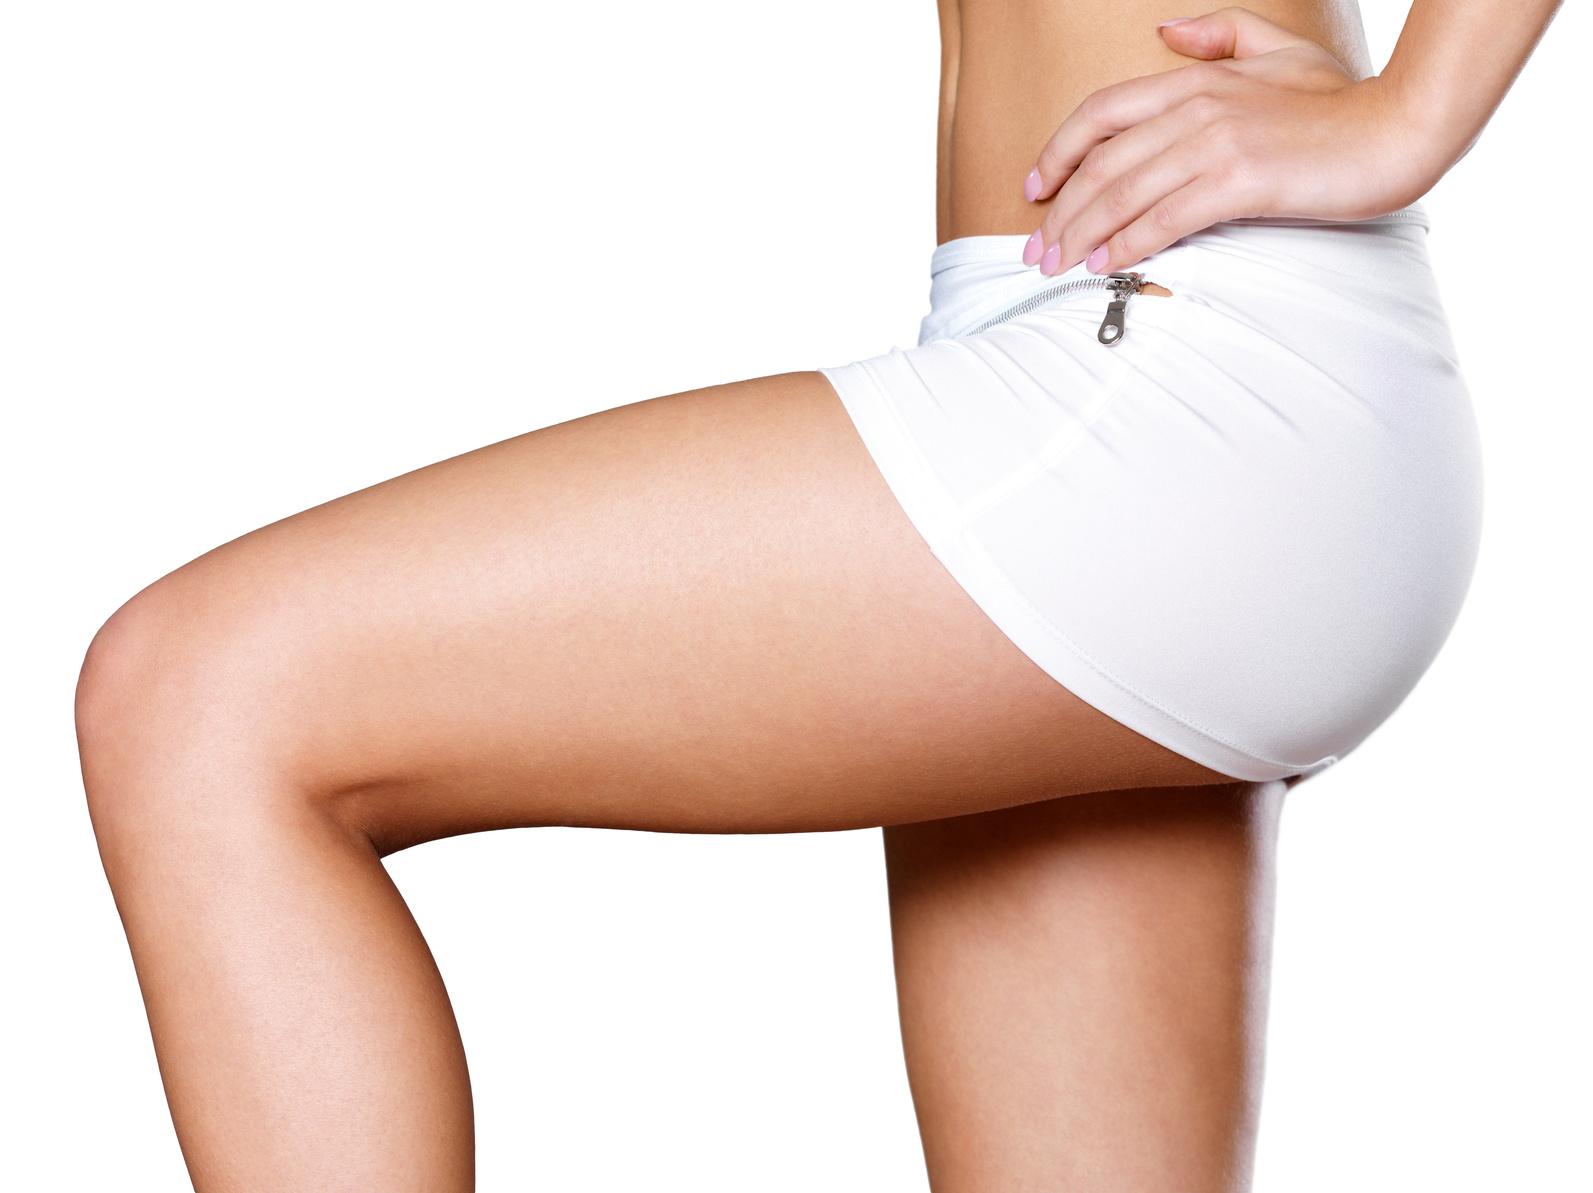 Kawitacja ultradźwiękowa czyli liposukcja bez skalpela